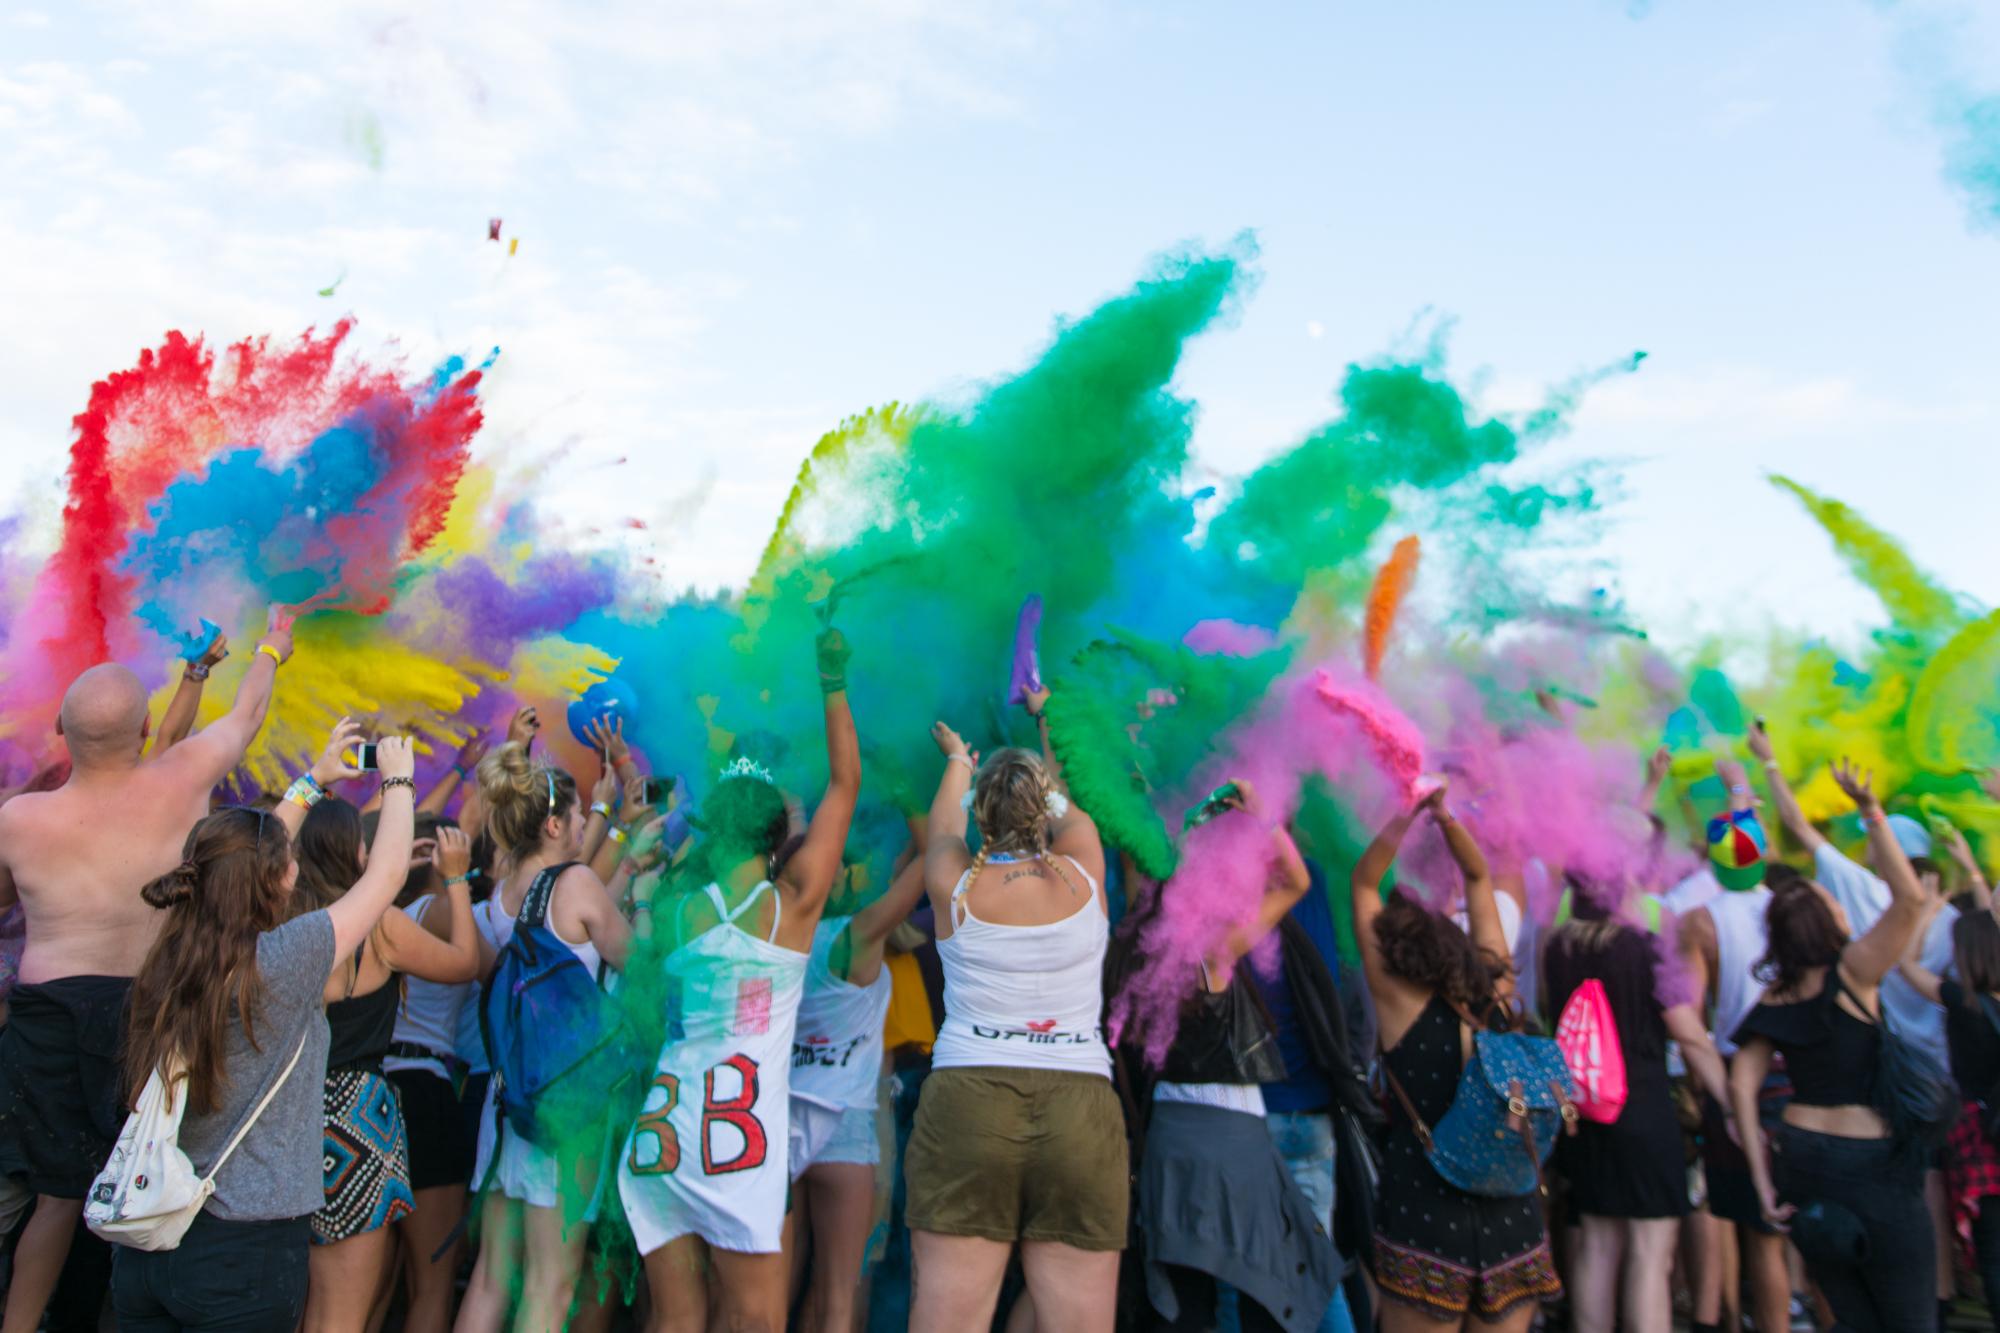 Menschen werfen auf der sogenannten Color Party bunte Farben in die Luft